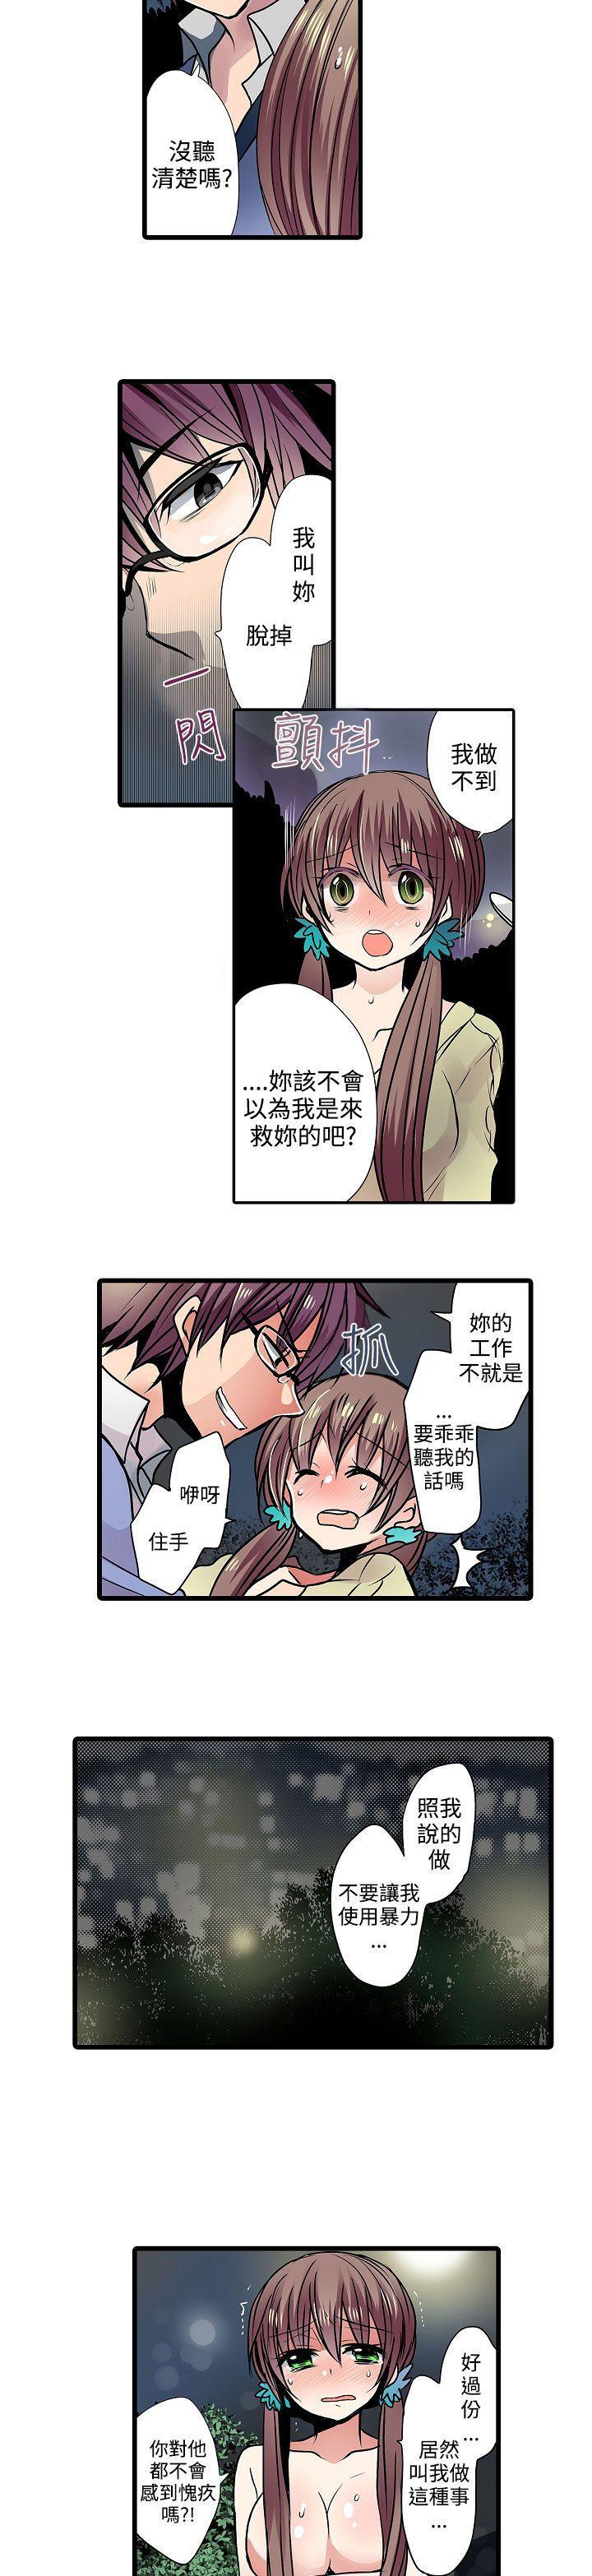 凌辱贩卖机-第13话全彩韩漫标签